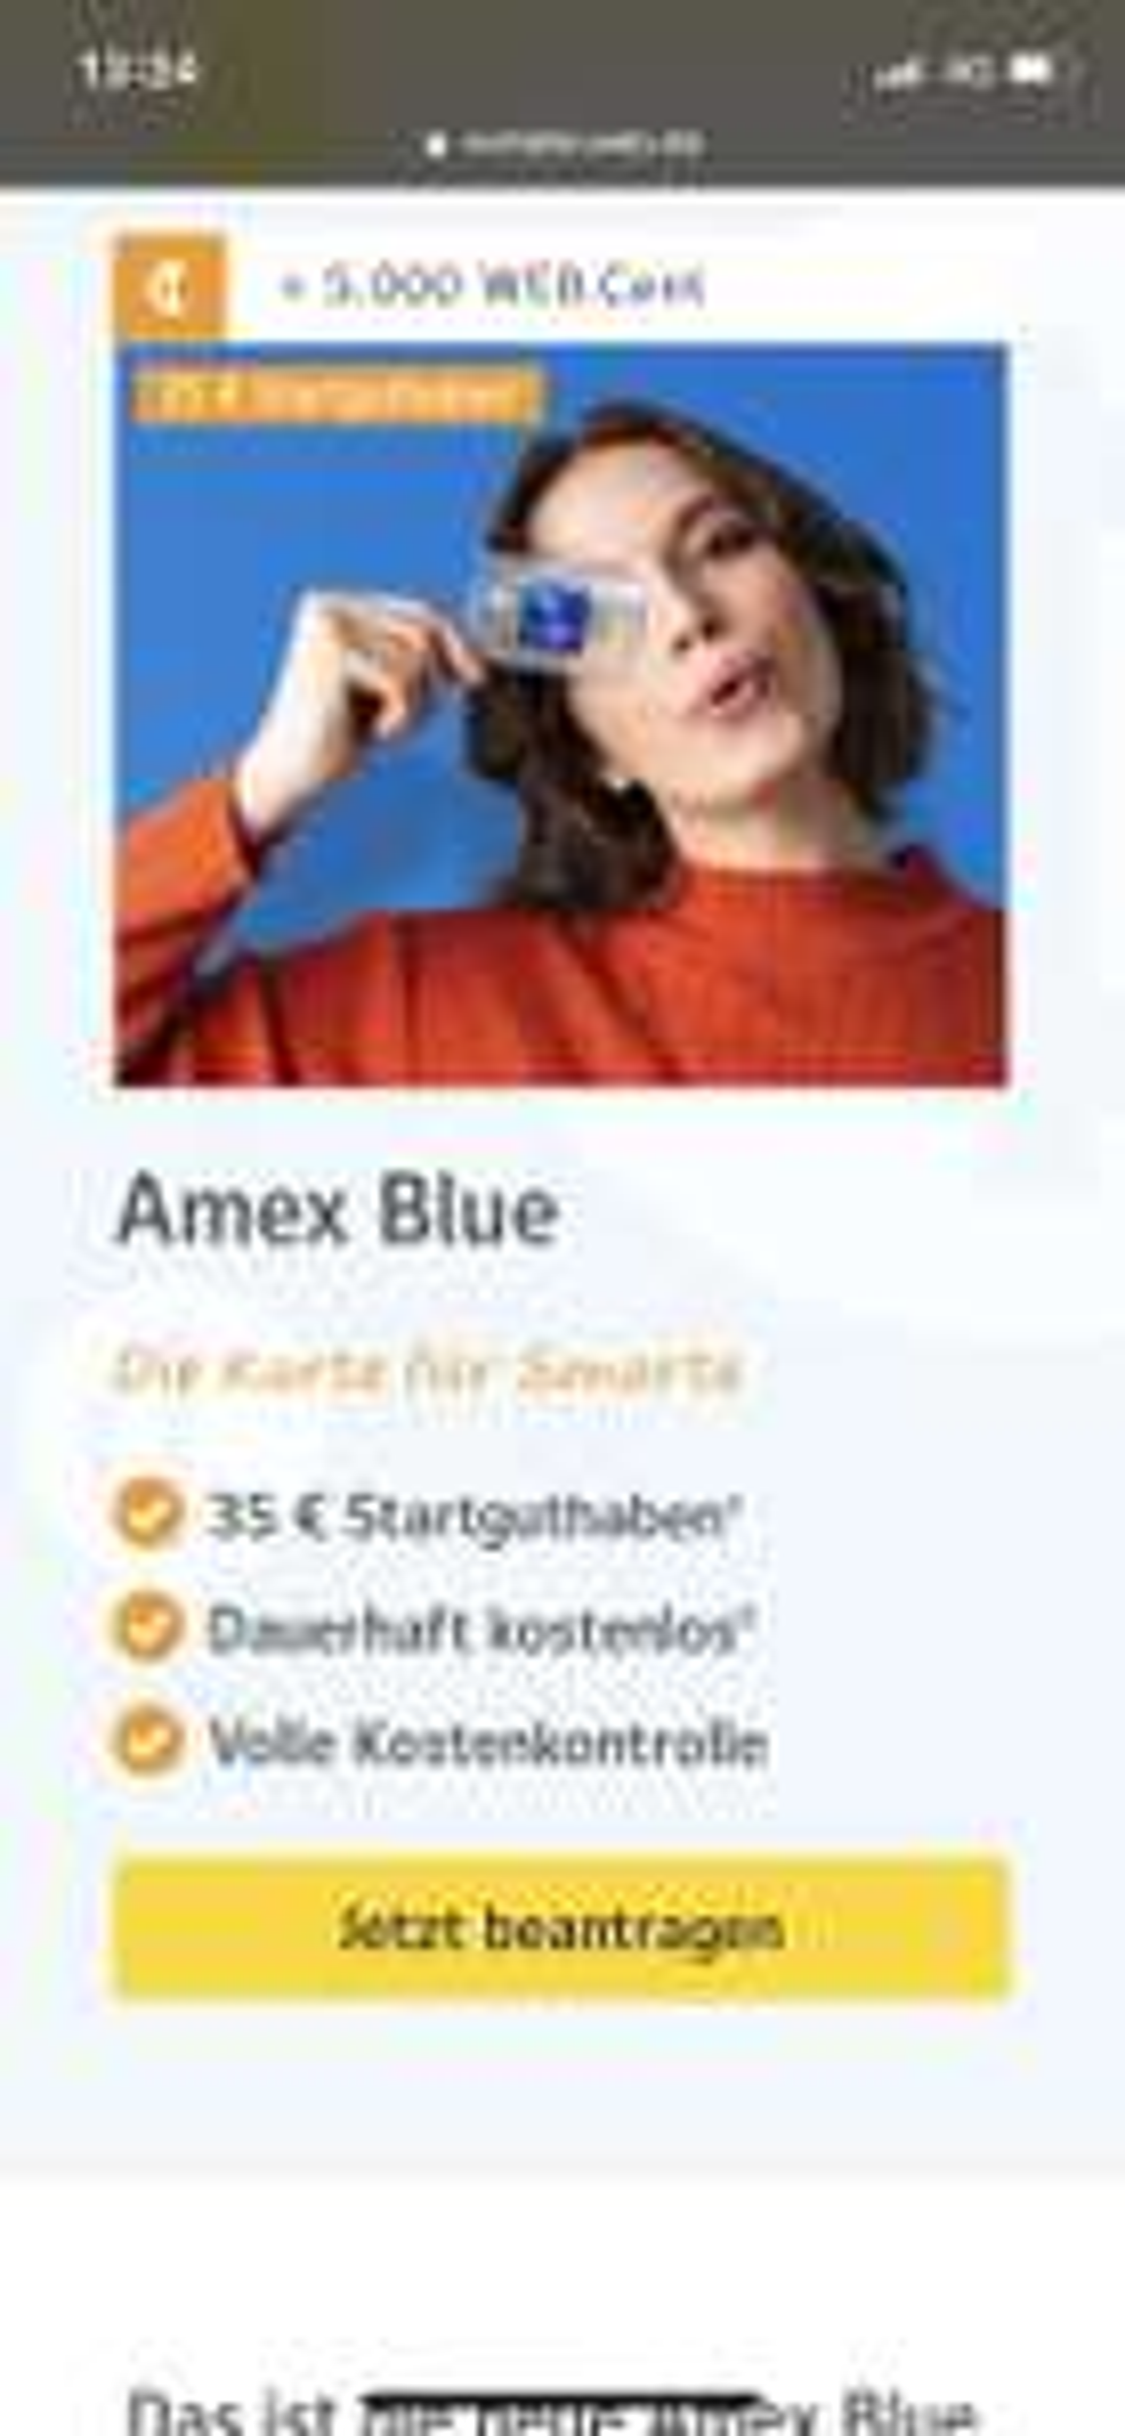 Amex Blue Card mit 35,- Startguthaben und 5000 WEB.Cent